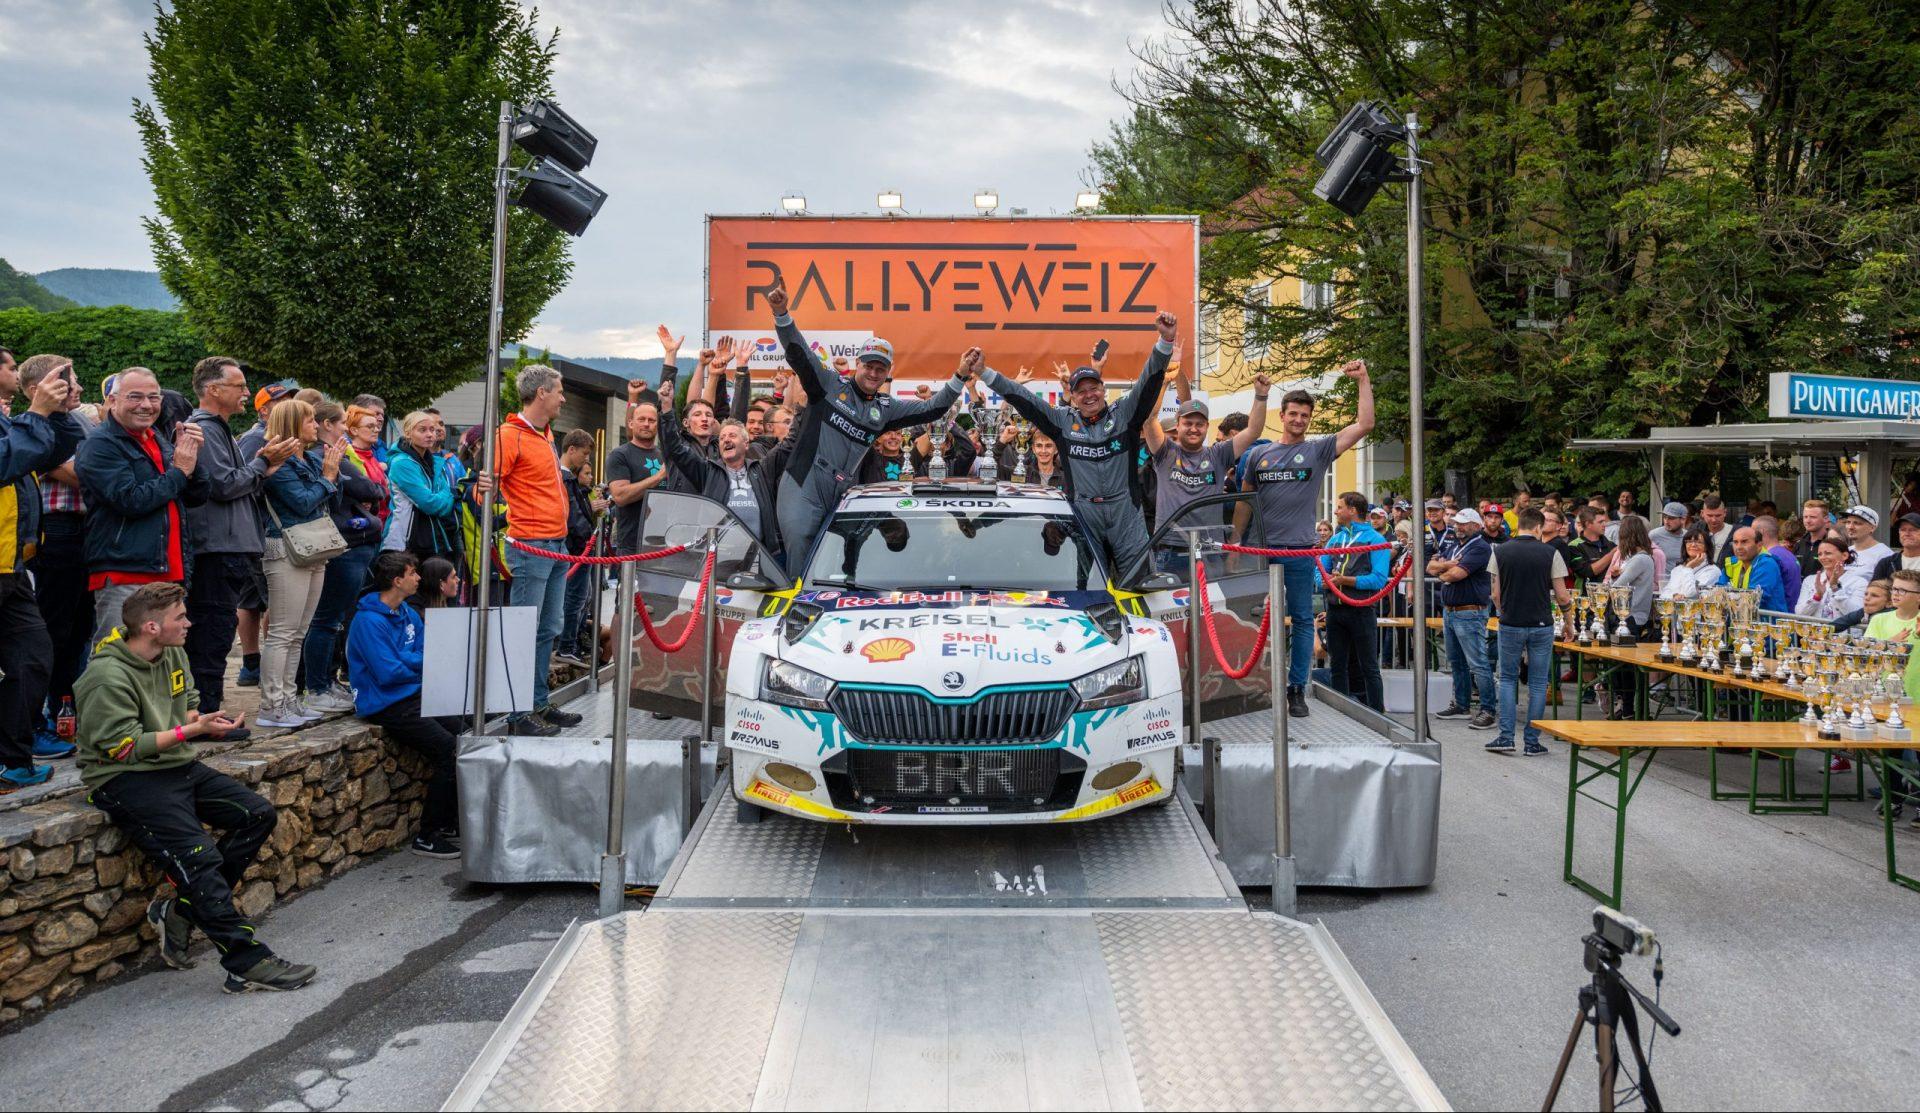 Electric rally premiere | Rallye Weiz